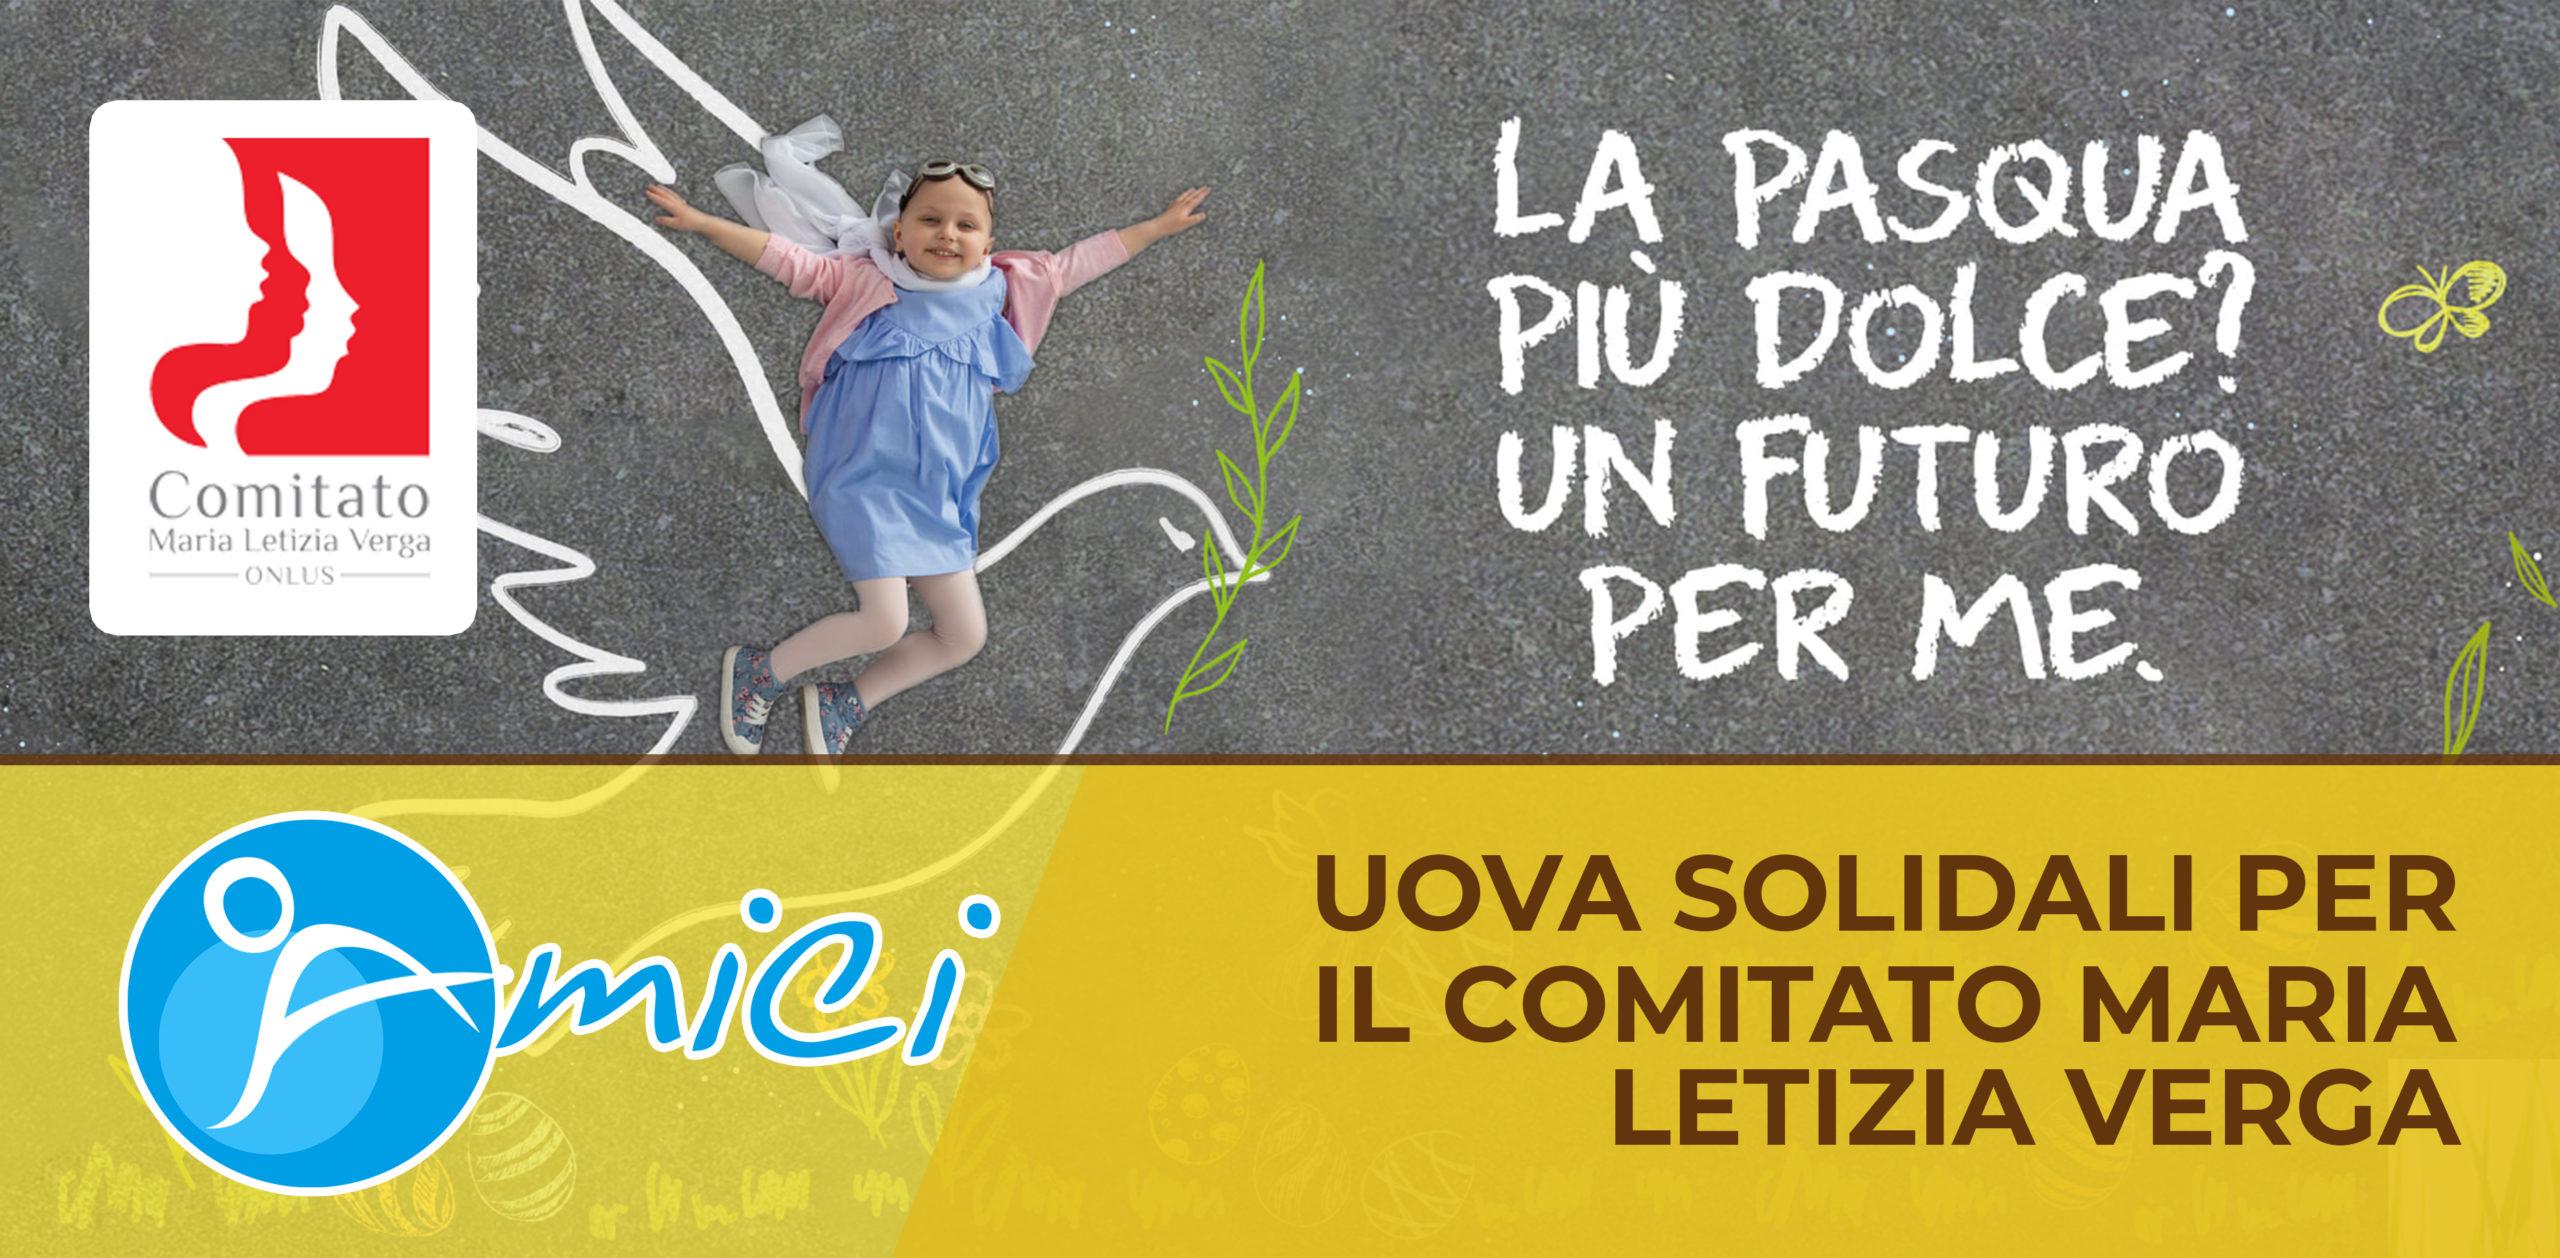 Uova solidali per il Comitato Maria Letizia Verga